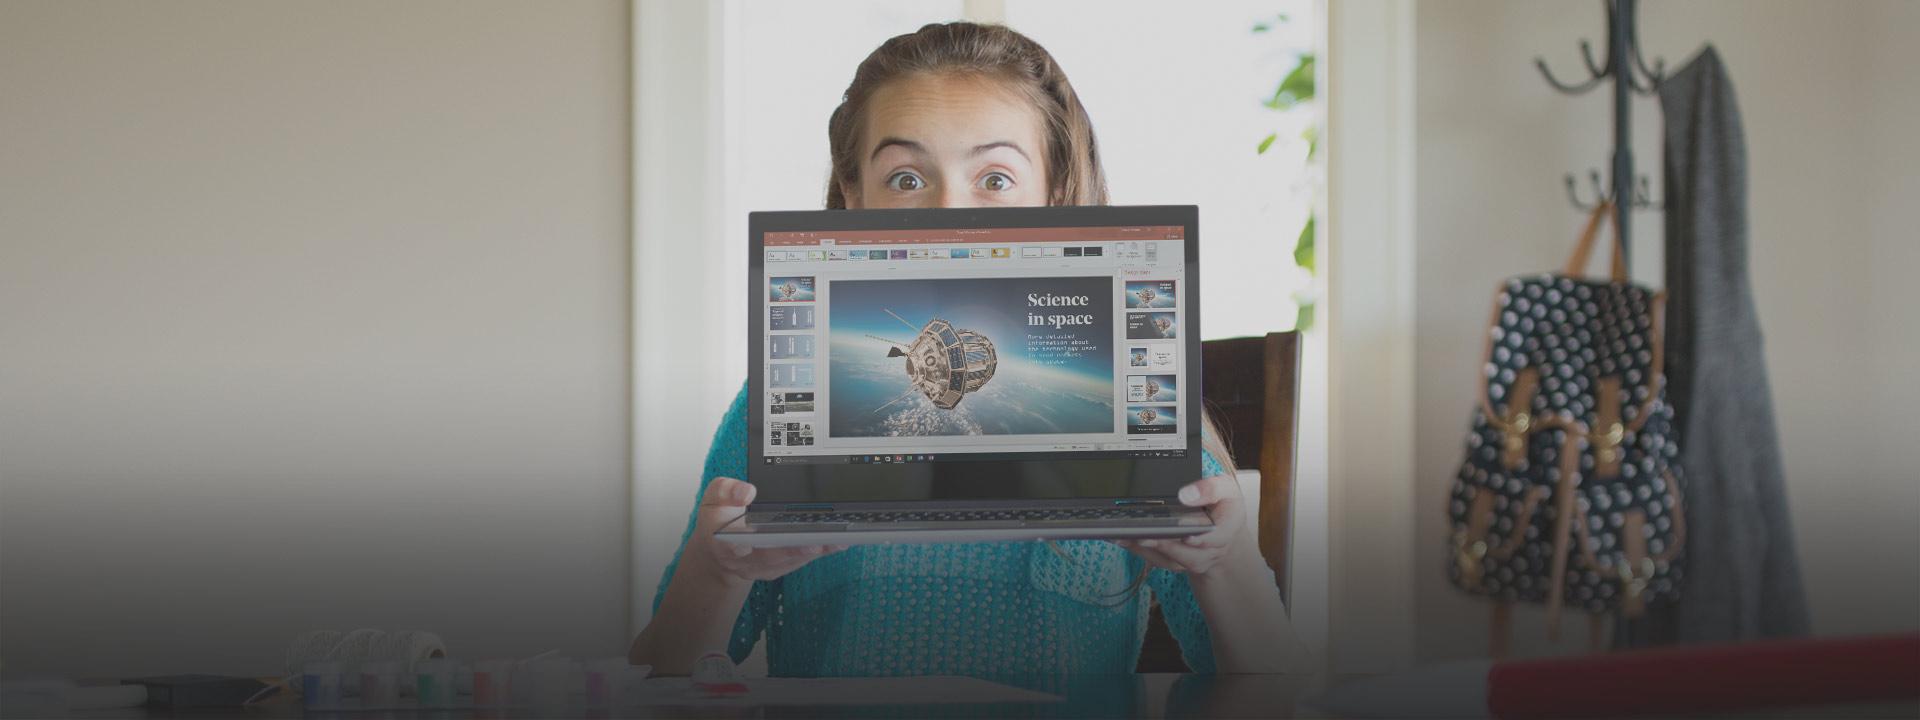 PC, läs mer om Office 365